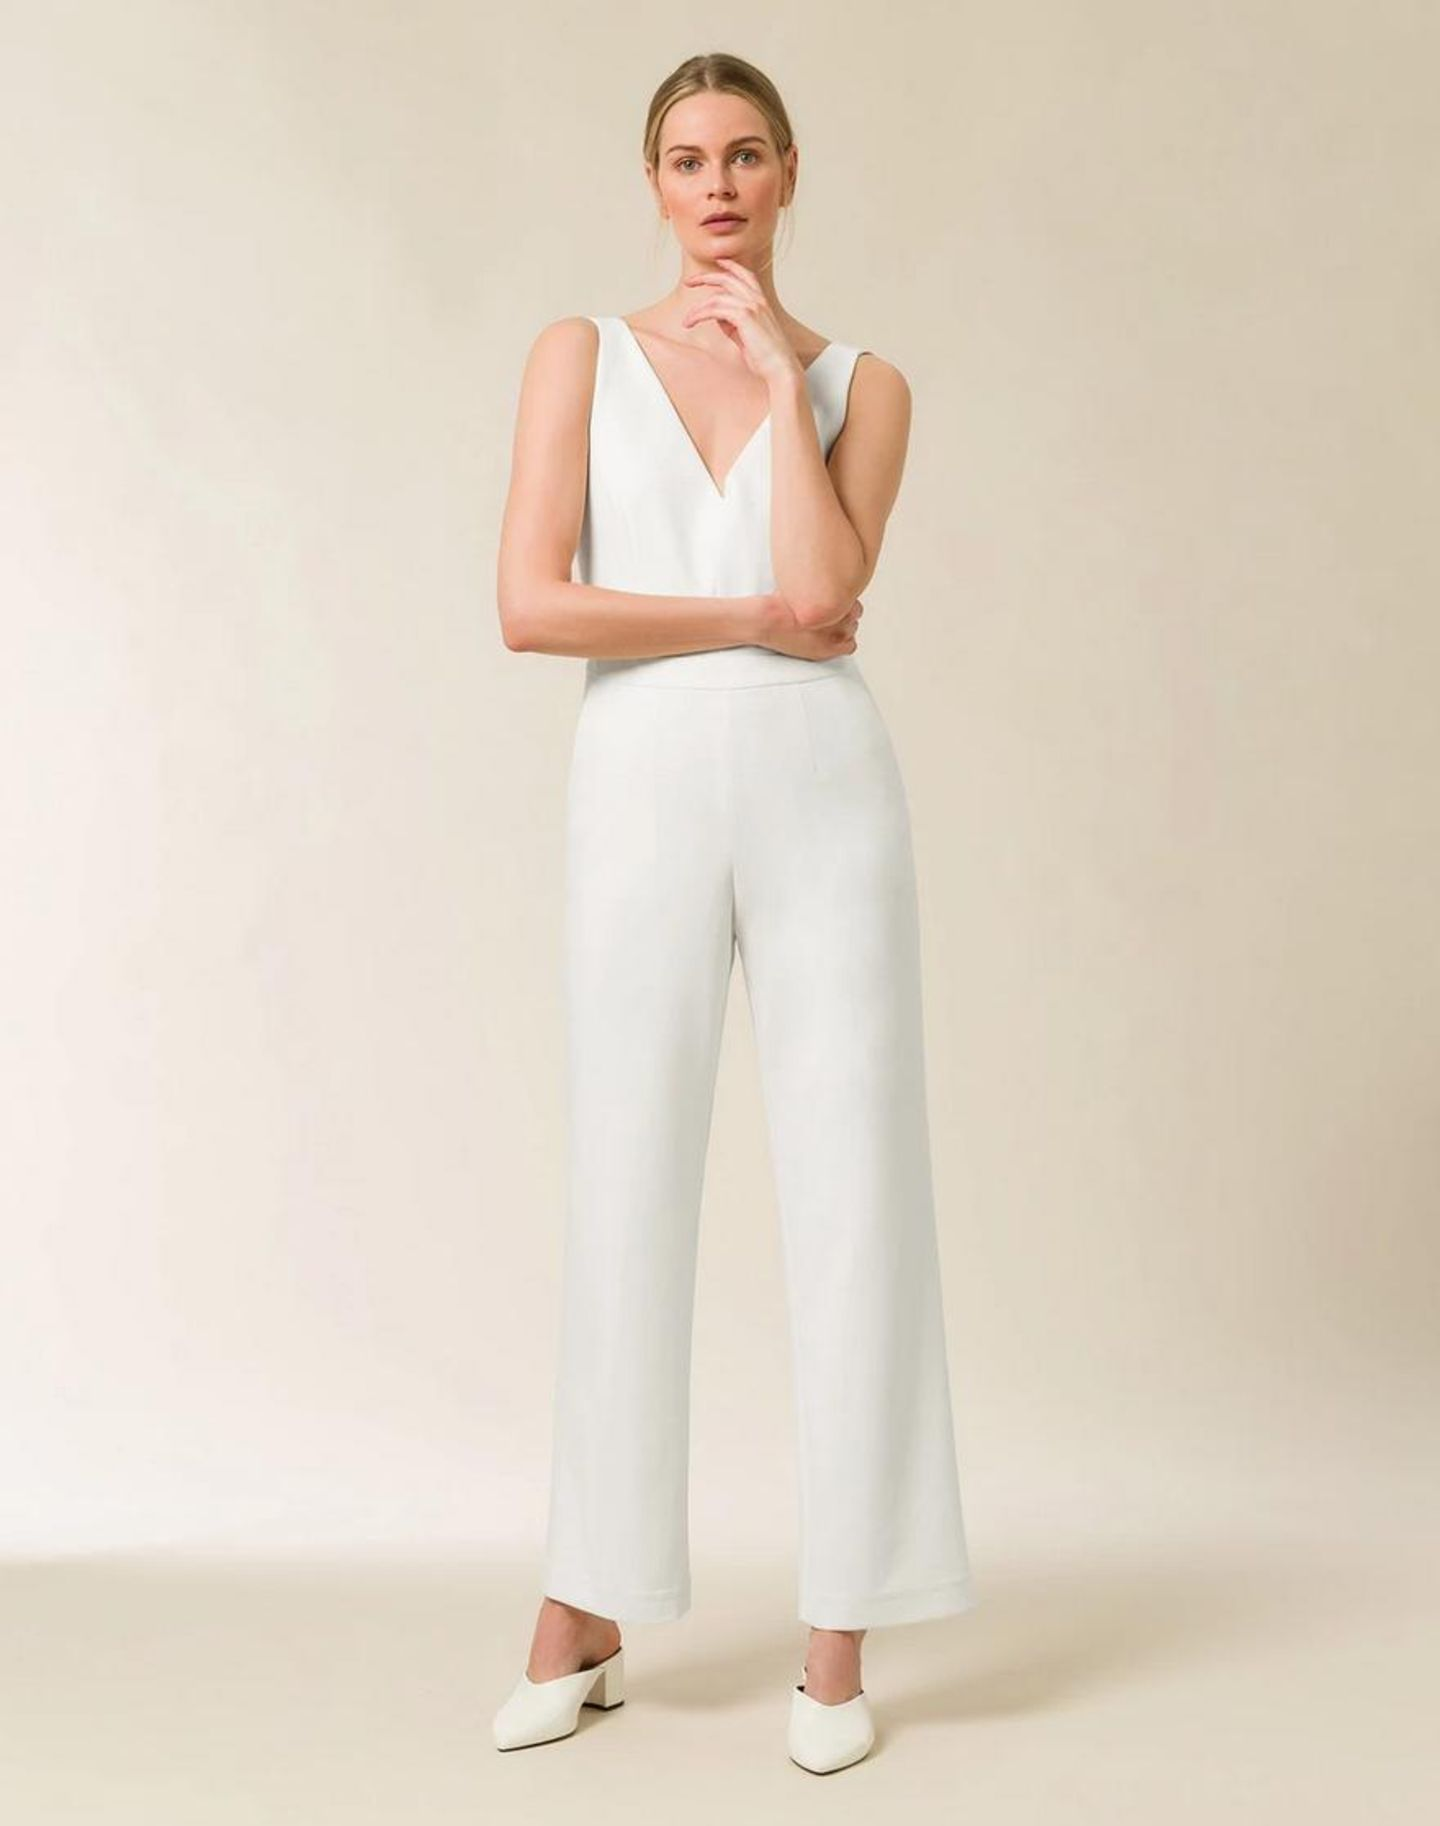 Ein Model präsentiert einen weißen Jumpsuit.